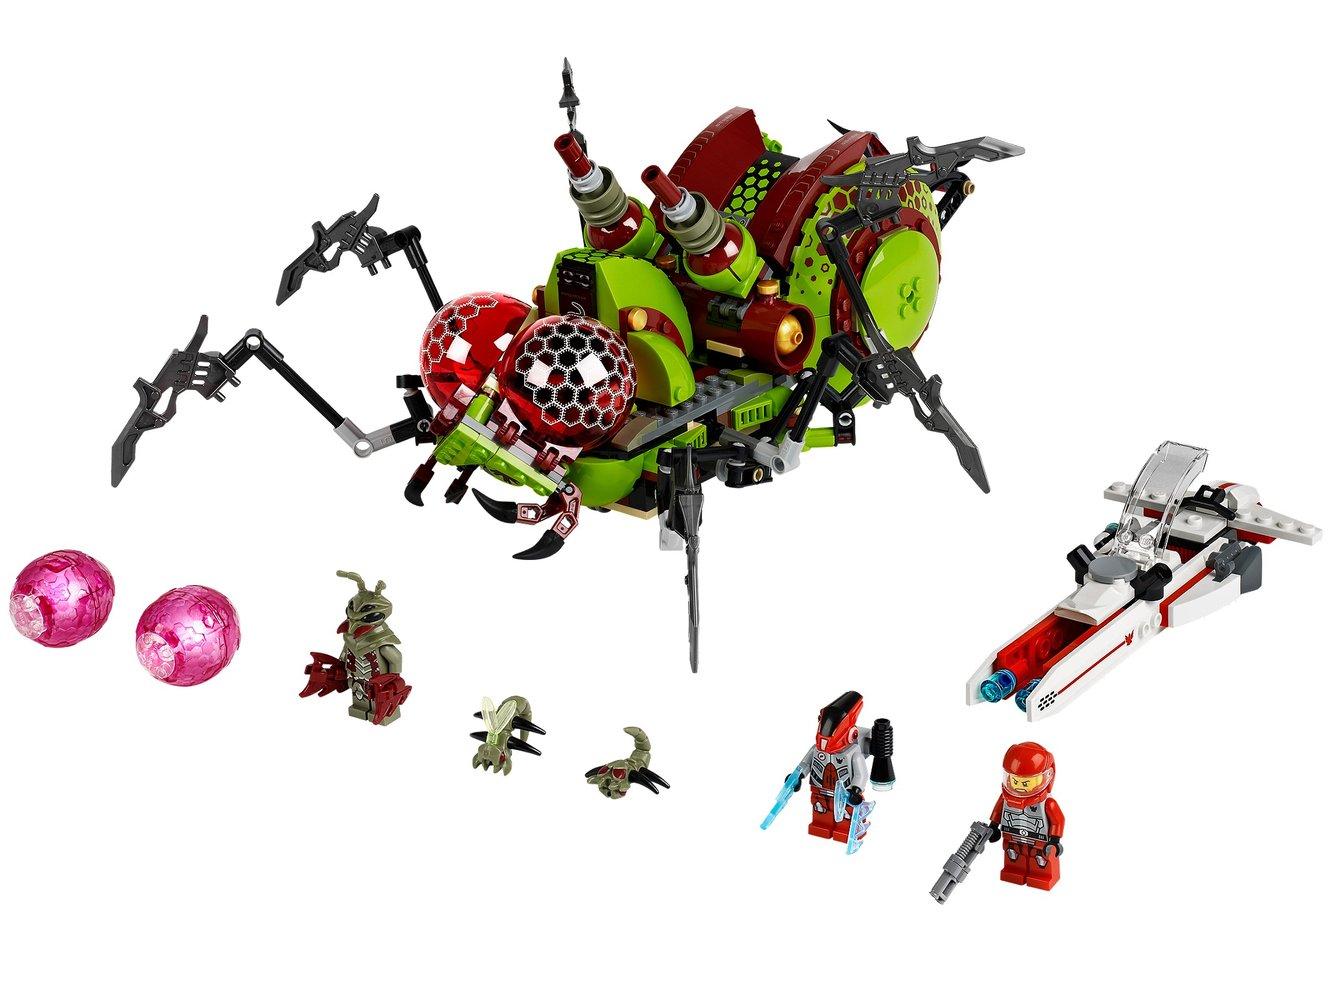 Hive Crawler